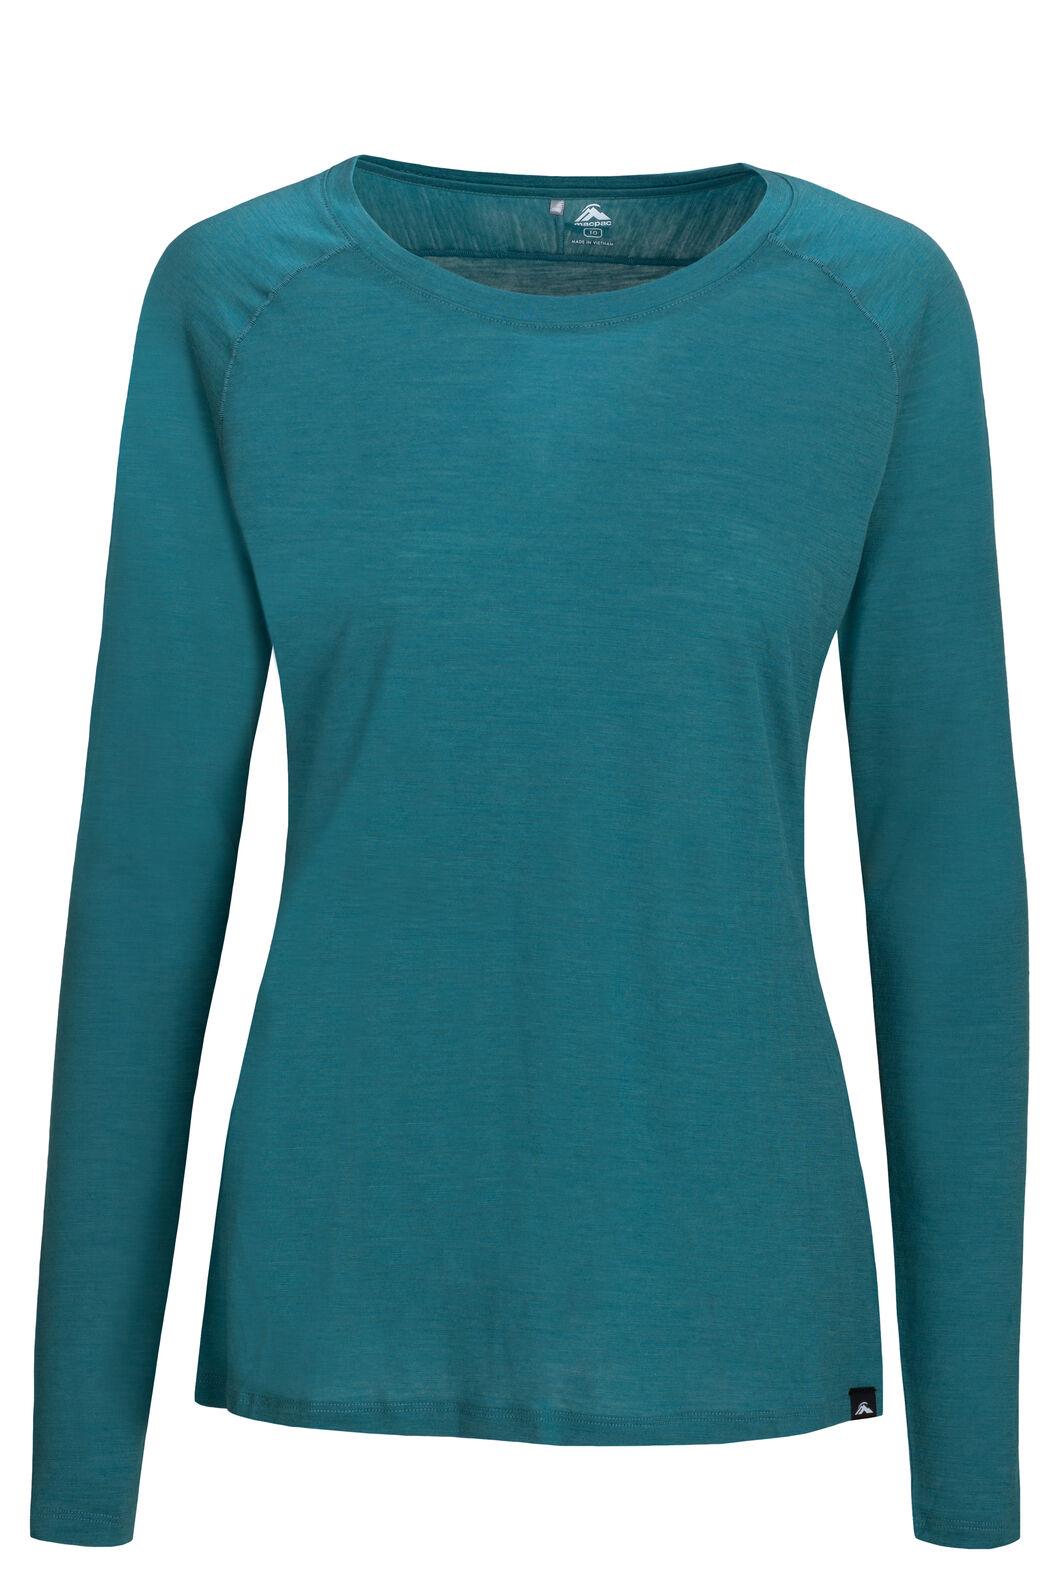 Macpac Women's Meadow 145 Merino Blend Long Sleeve Tee, Hydro, hi-res